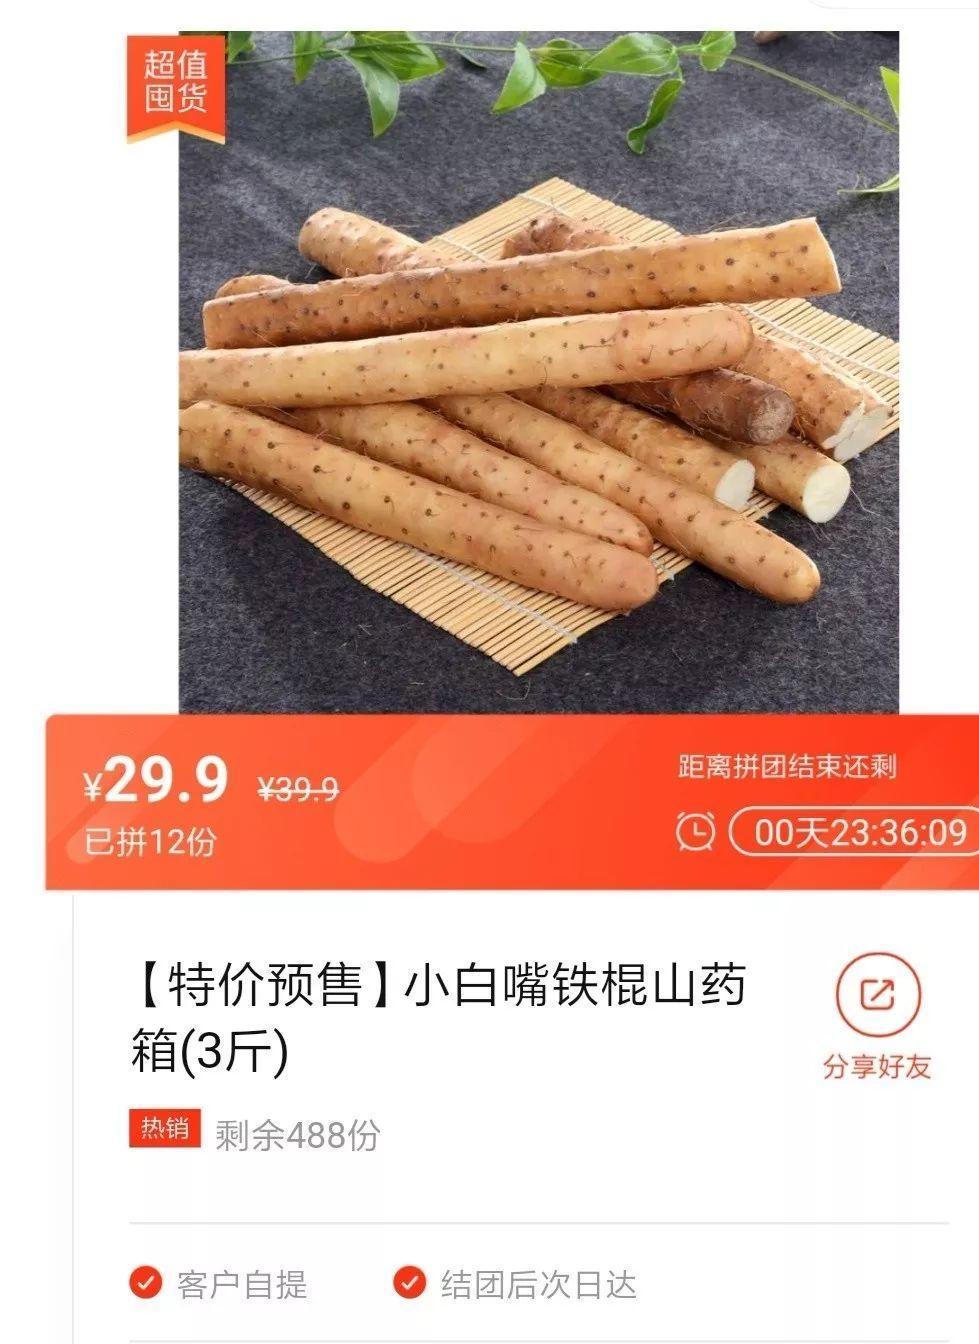 从微信群说起,看中国社交电商和新零售的趋势及机会